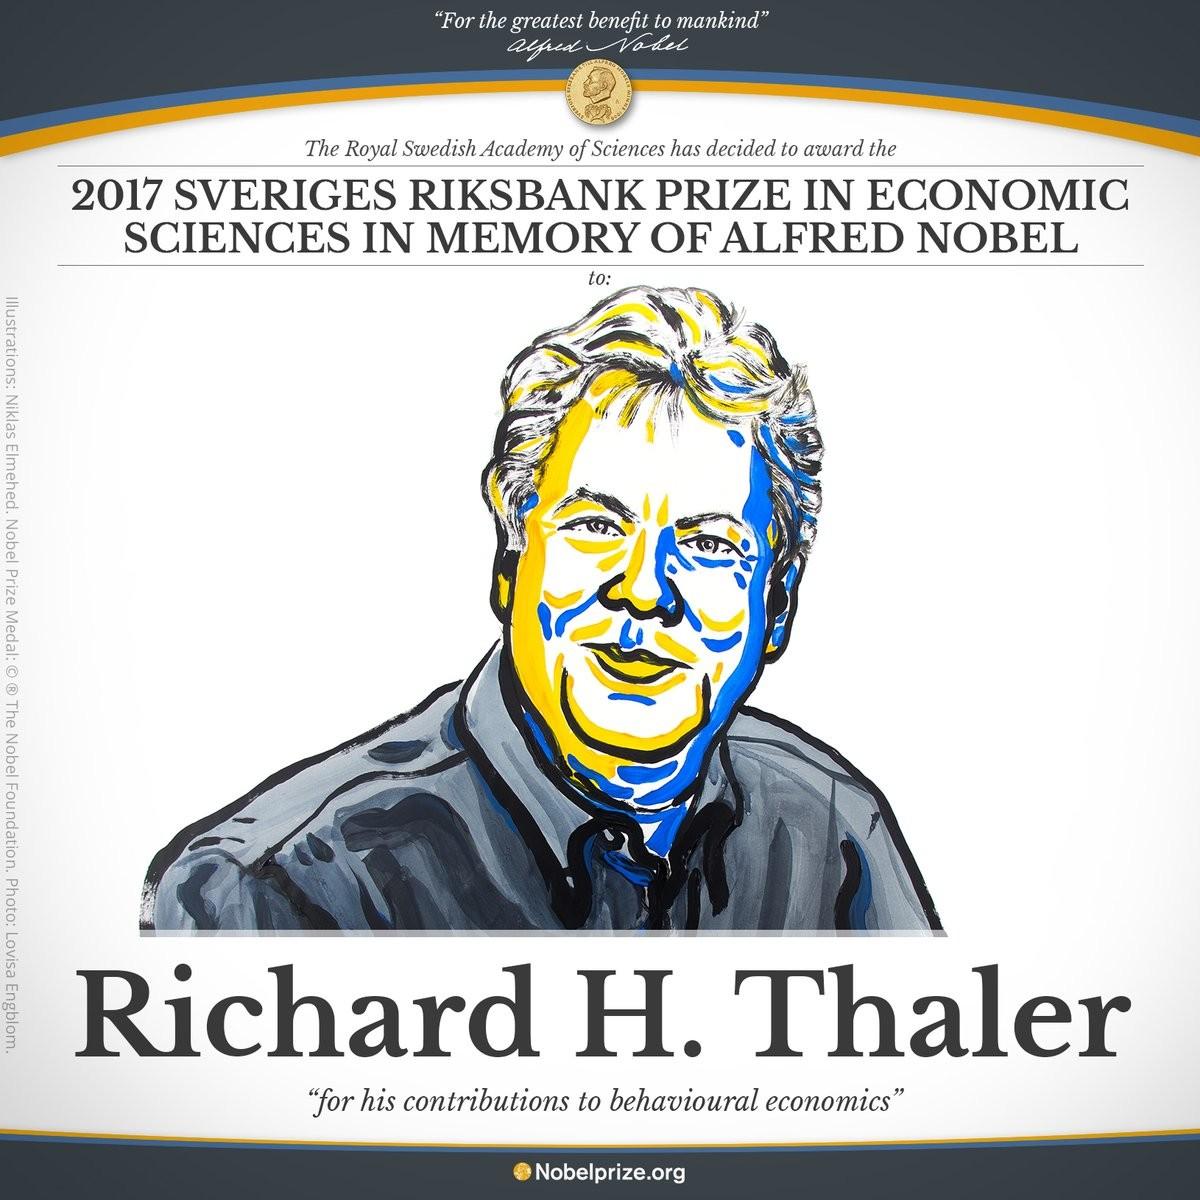 অর্থনীতিতে নোবেল পেলেন মার্কিন অর্থনীতিবিদ